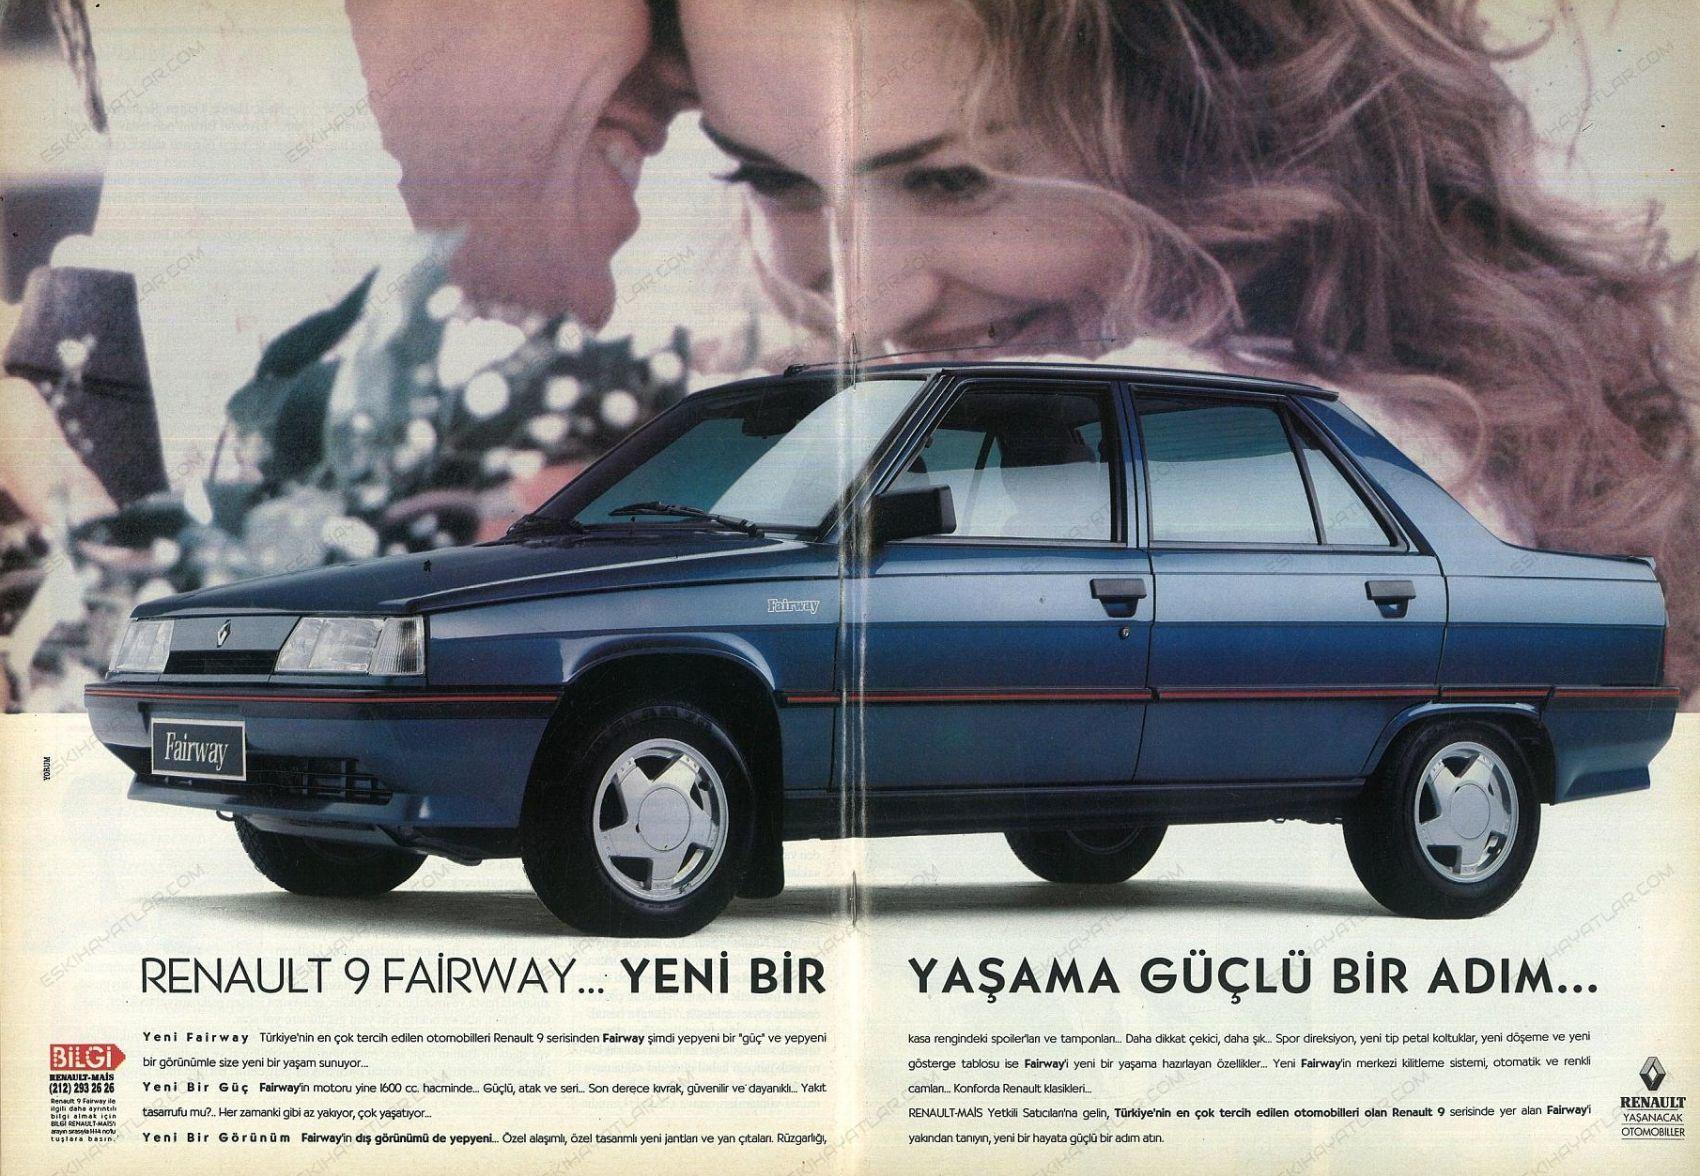 0146-tarkan-tevetoglu-1994-aacayipsin-albumu-nokta-dergisi-yine-sensiz-albumu-doksanlarda-kaset-satin-almak (14)